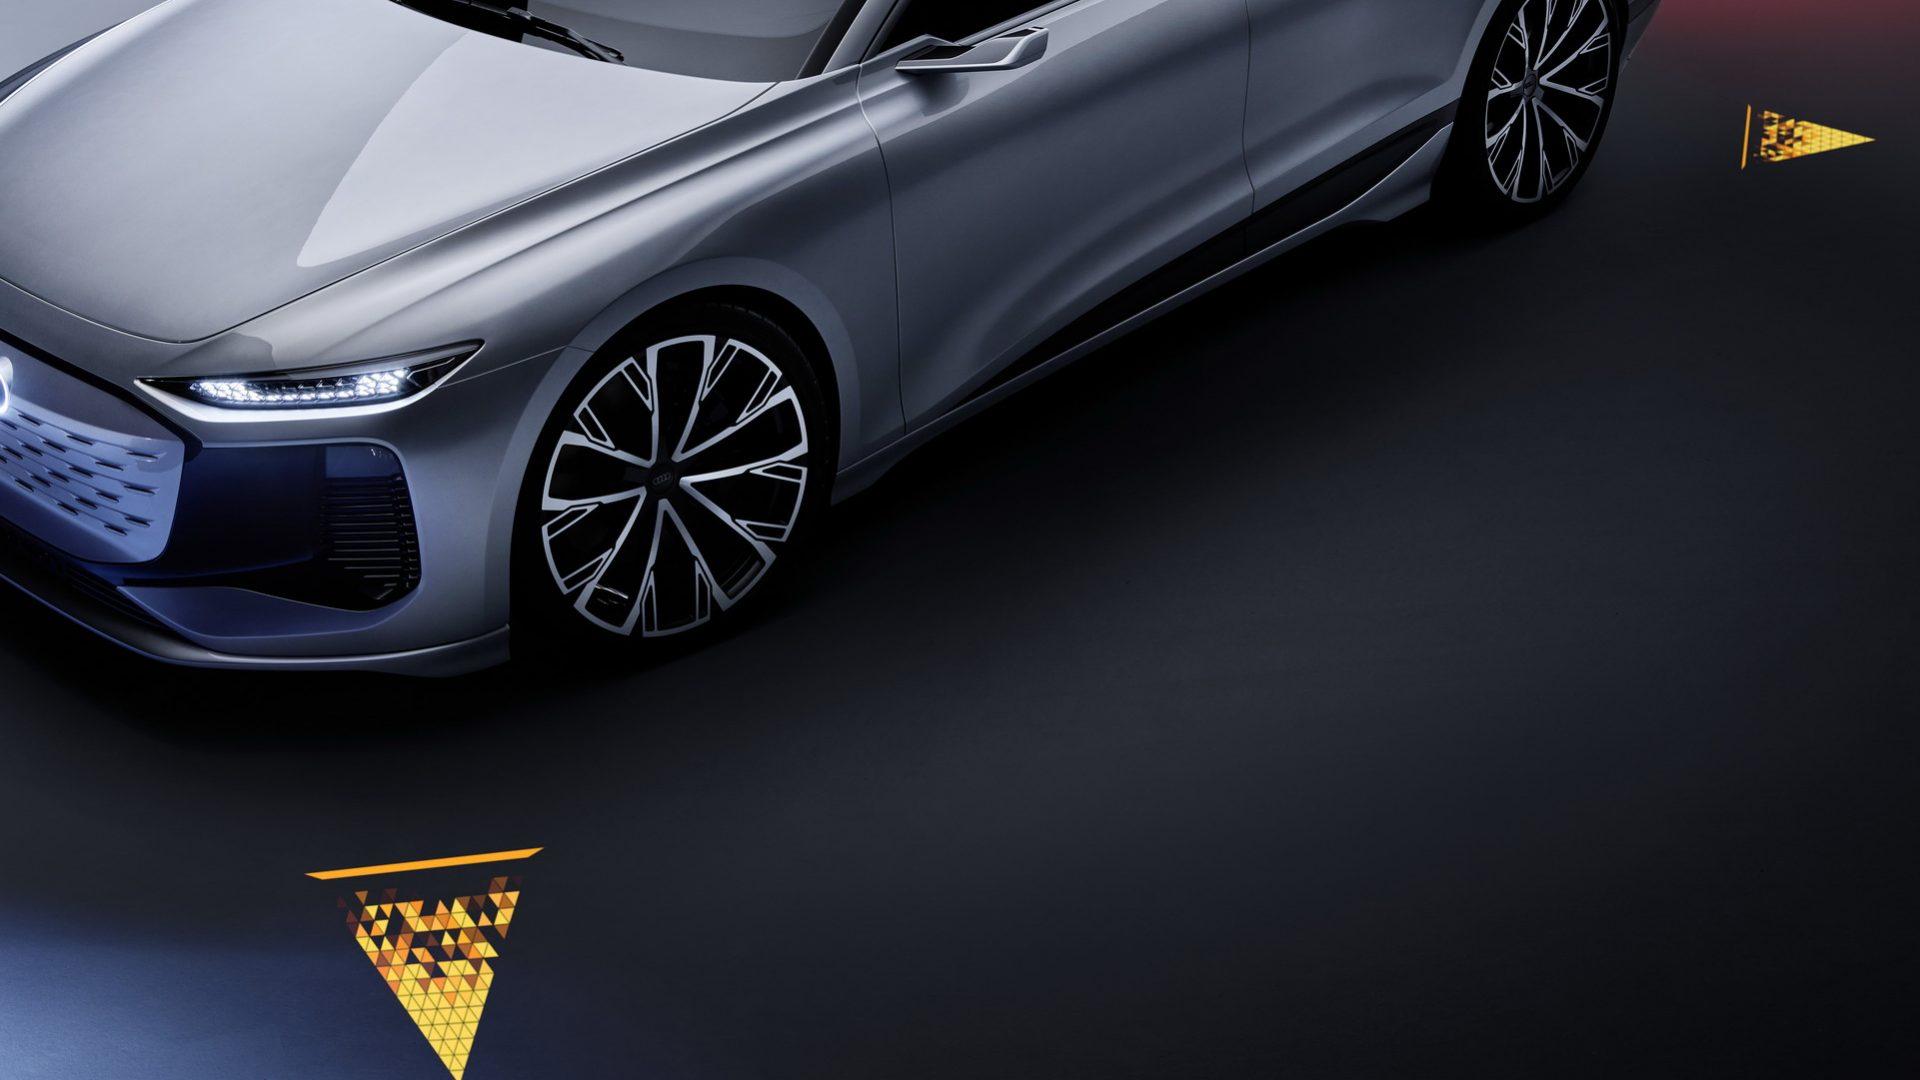 2021-Audi-A6-e-tron-Concept-07